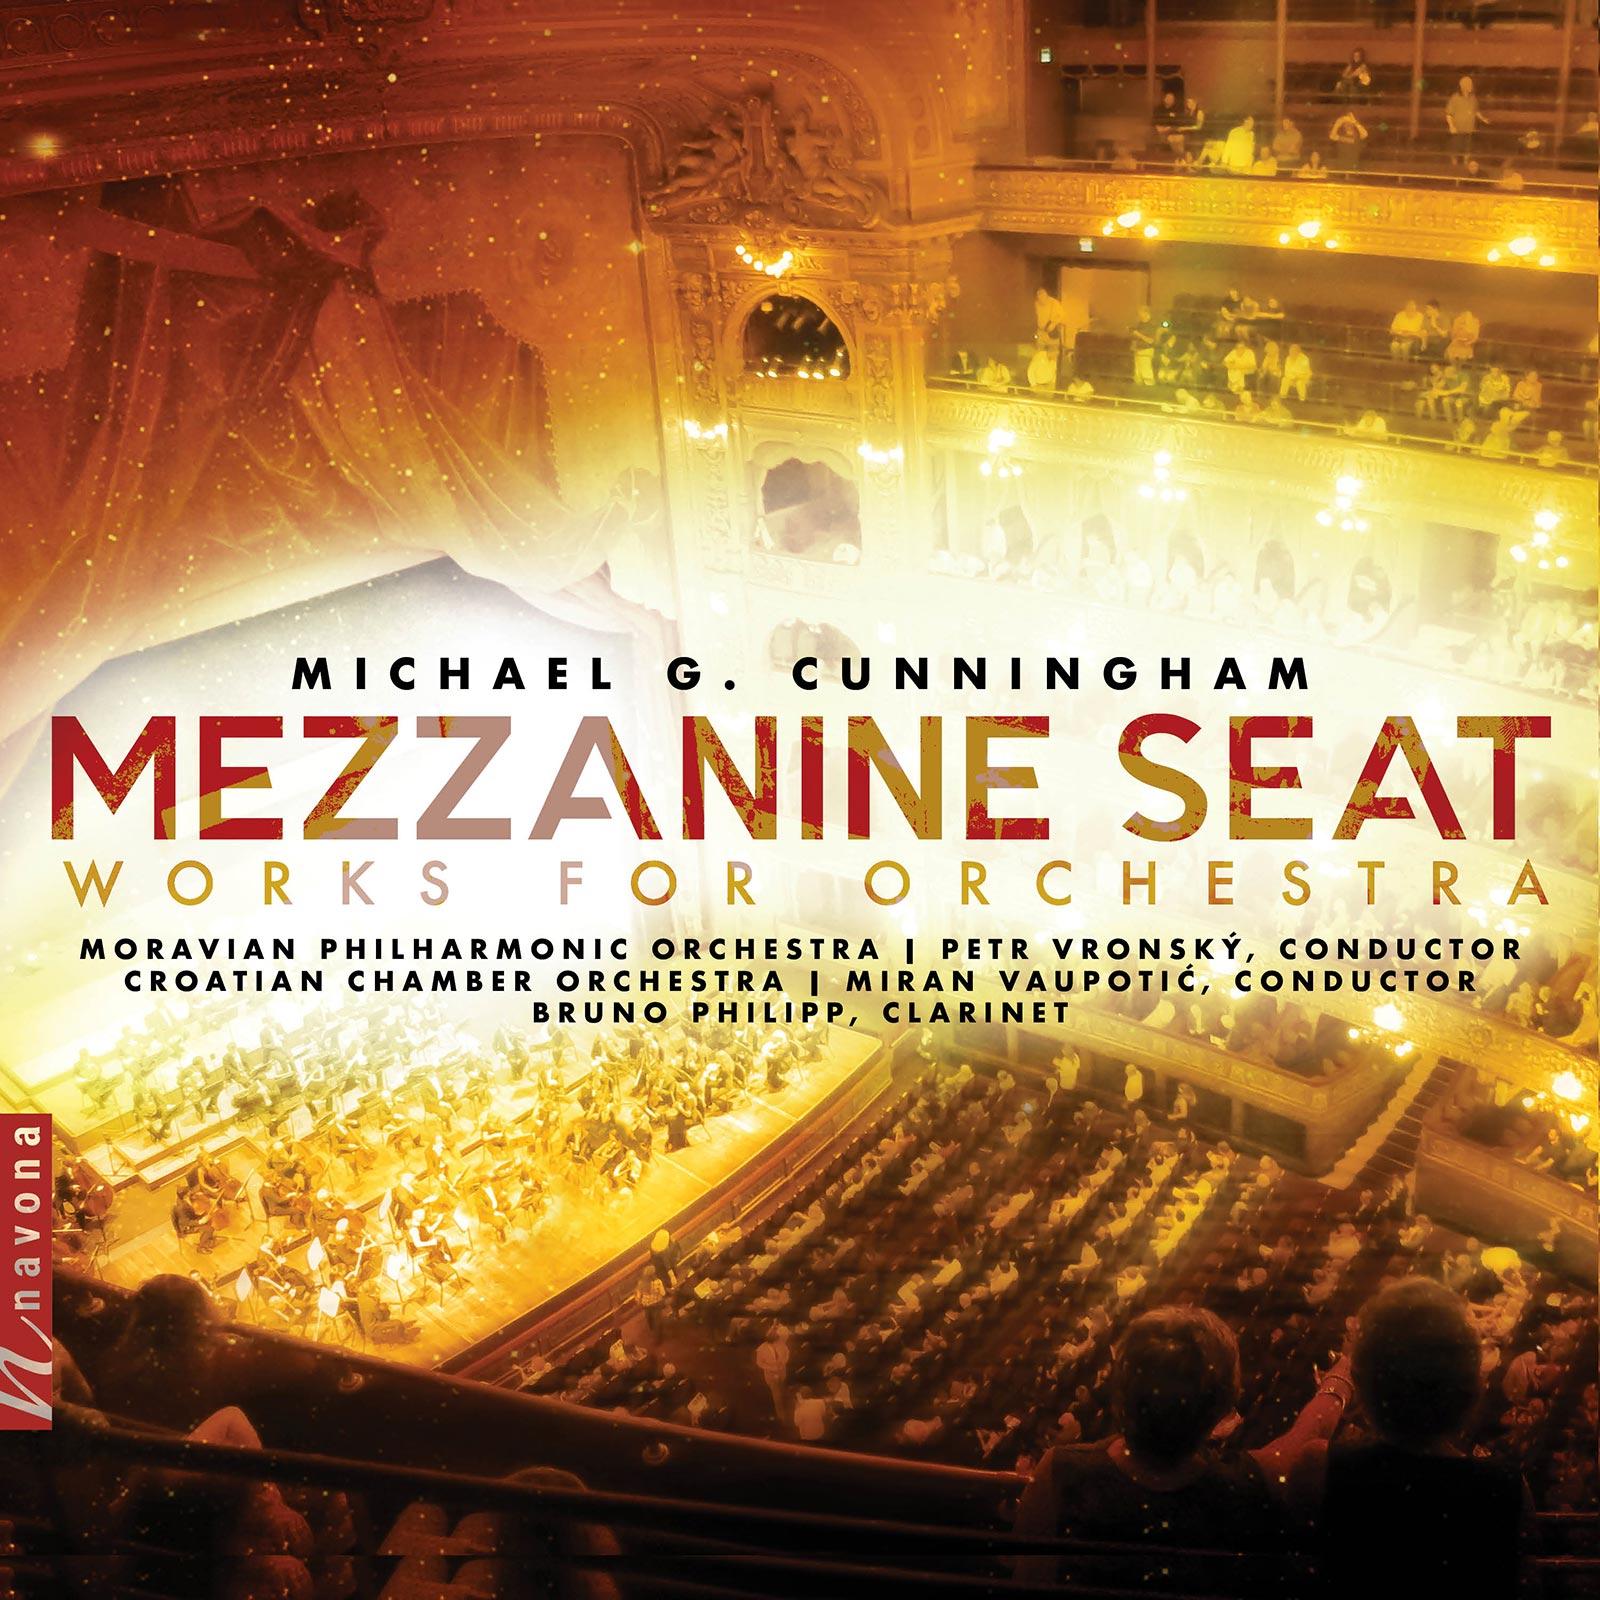 Mezzanine Seat